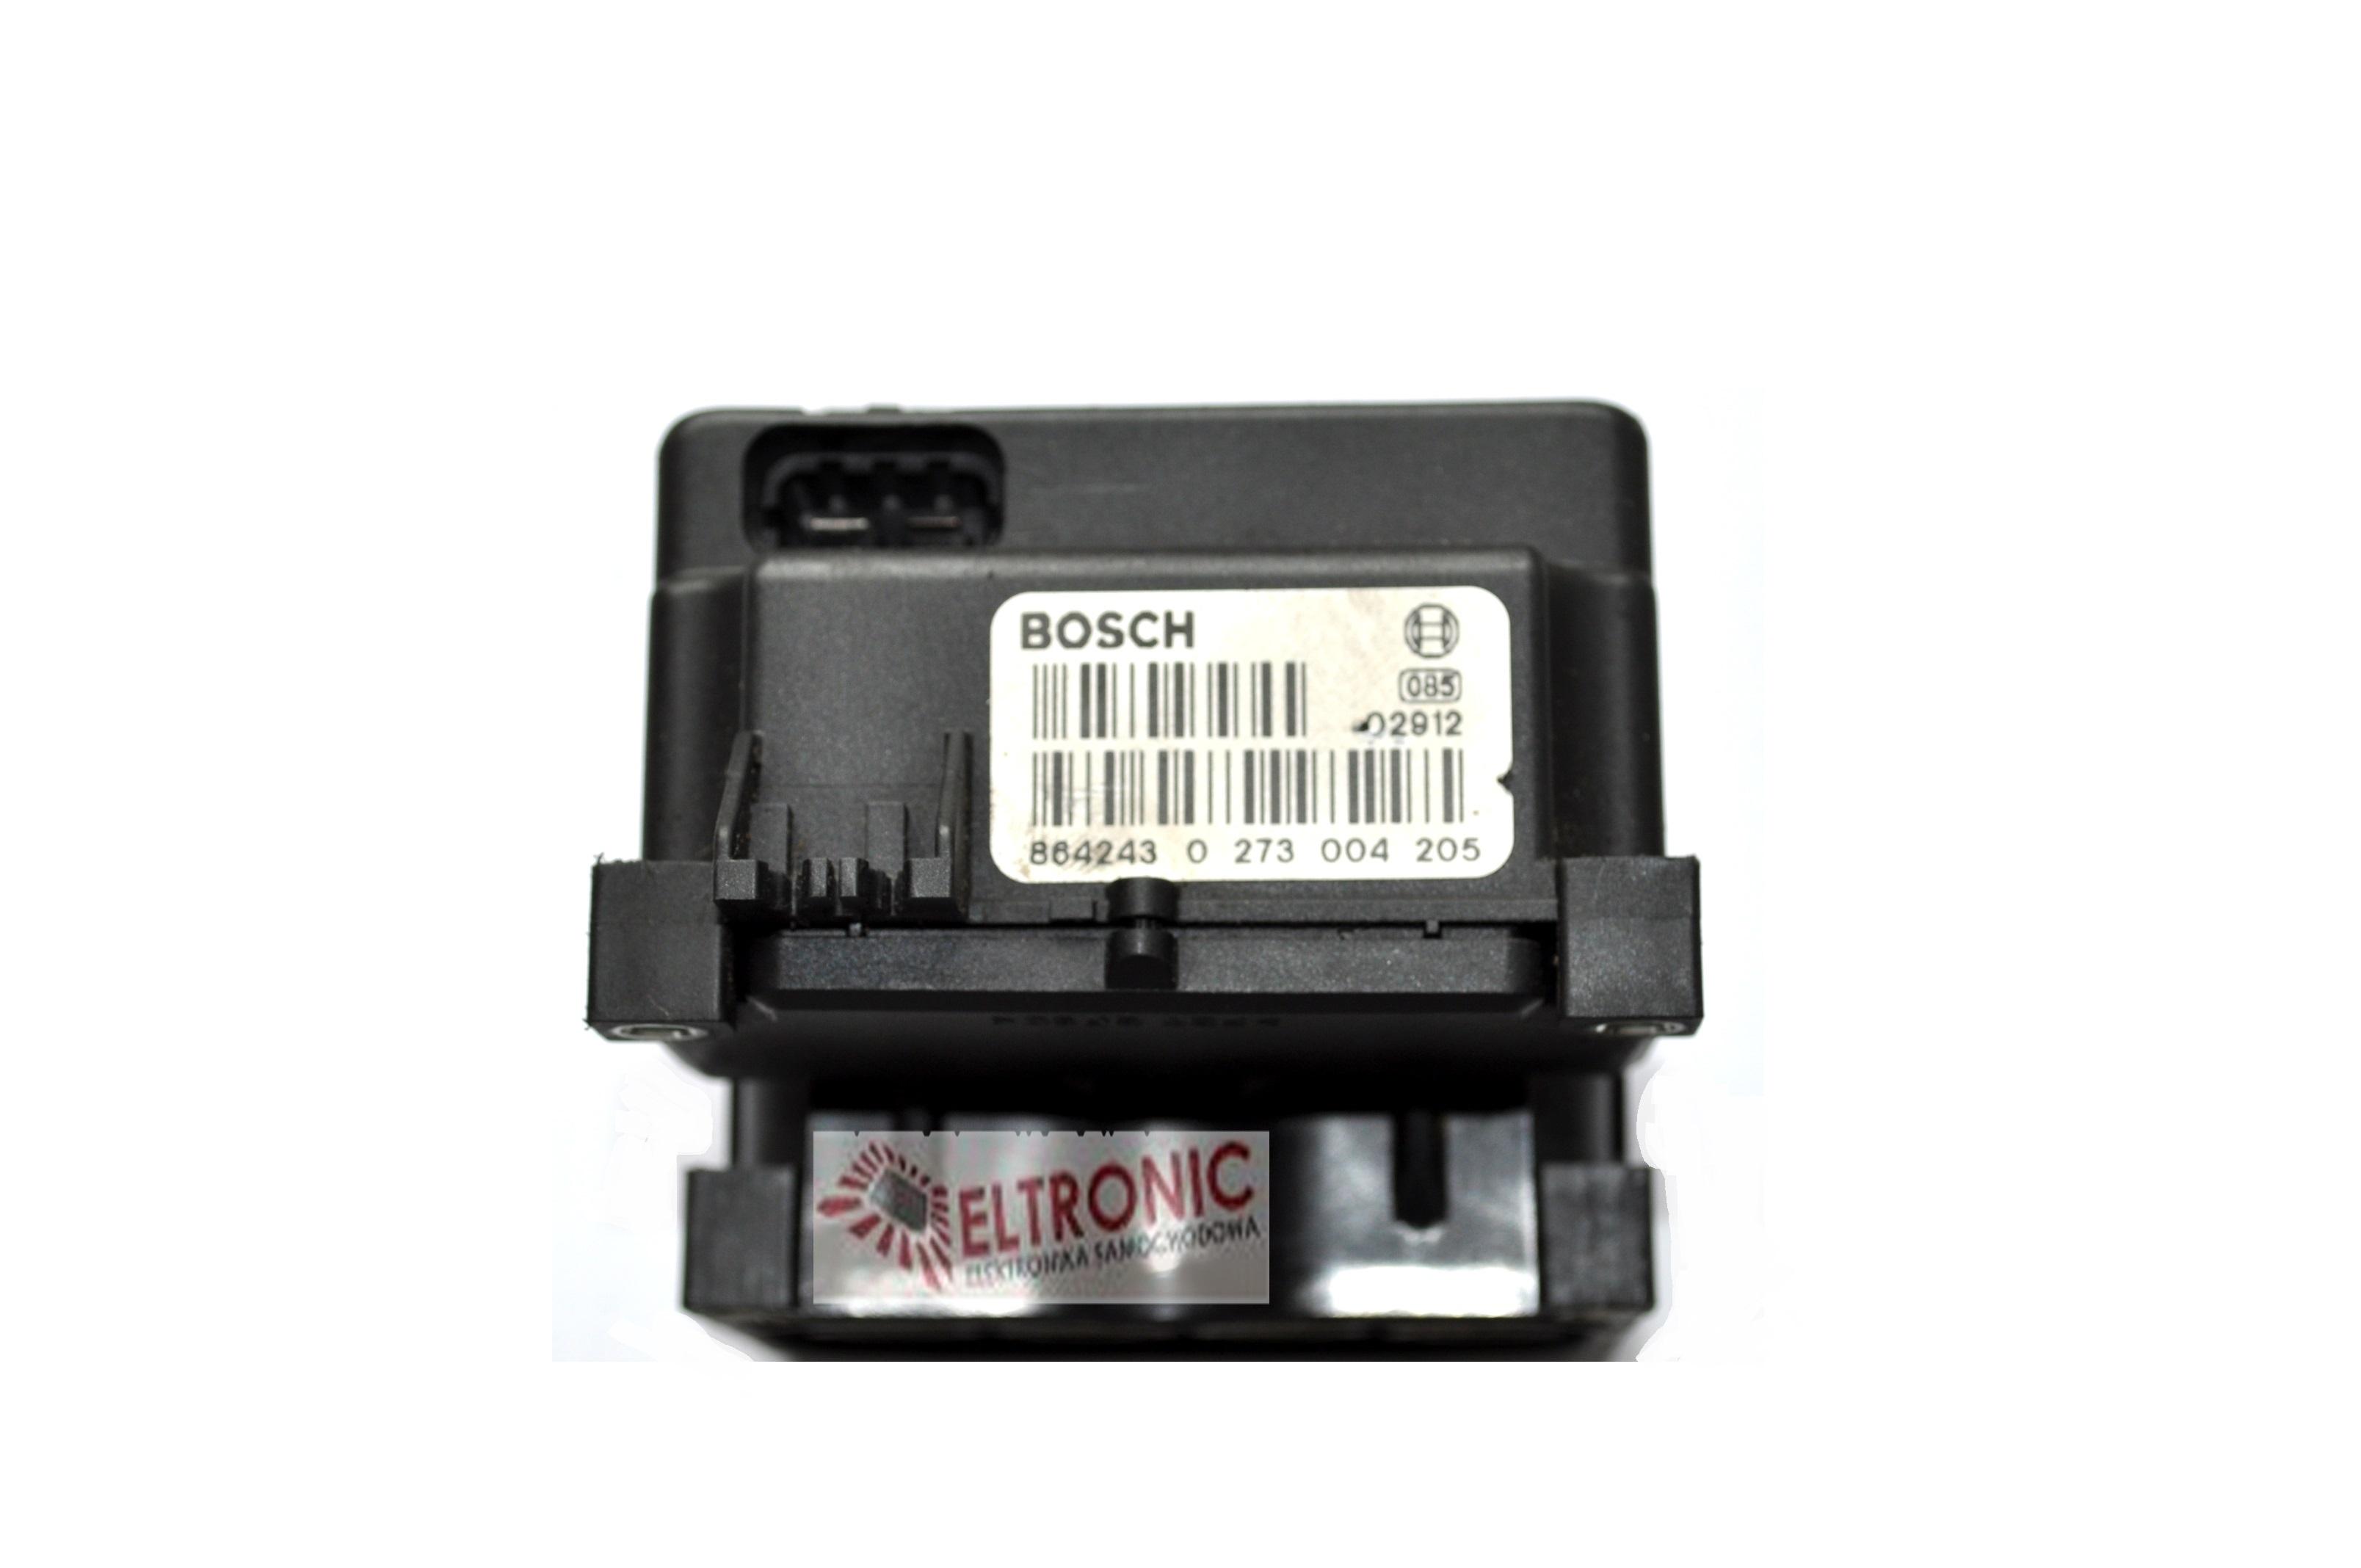 Naprawa Sterownik 243 W Pompy Abs Bosch 5 3 Eltronic Rumia